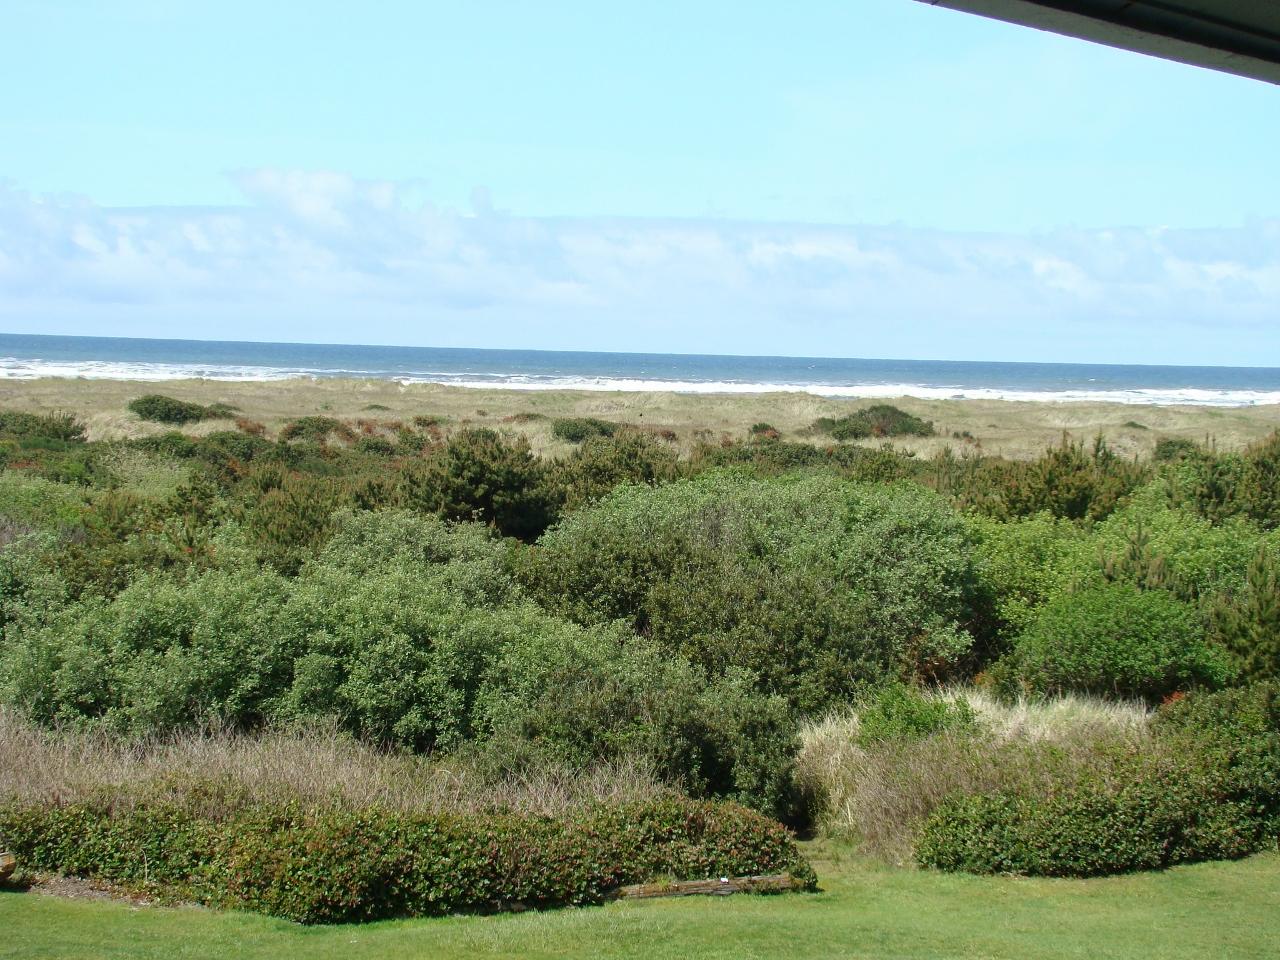 651 Ocean Shores Blvd NW, #308, Ocean Shores, Washington 98569